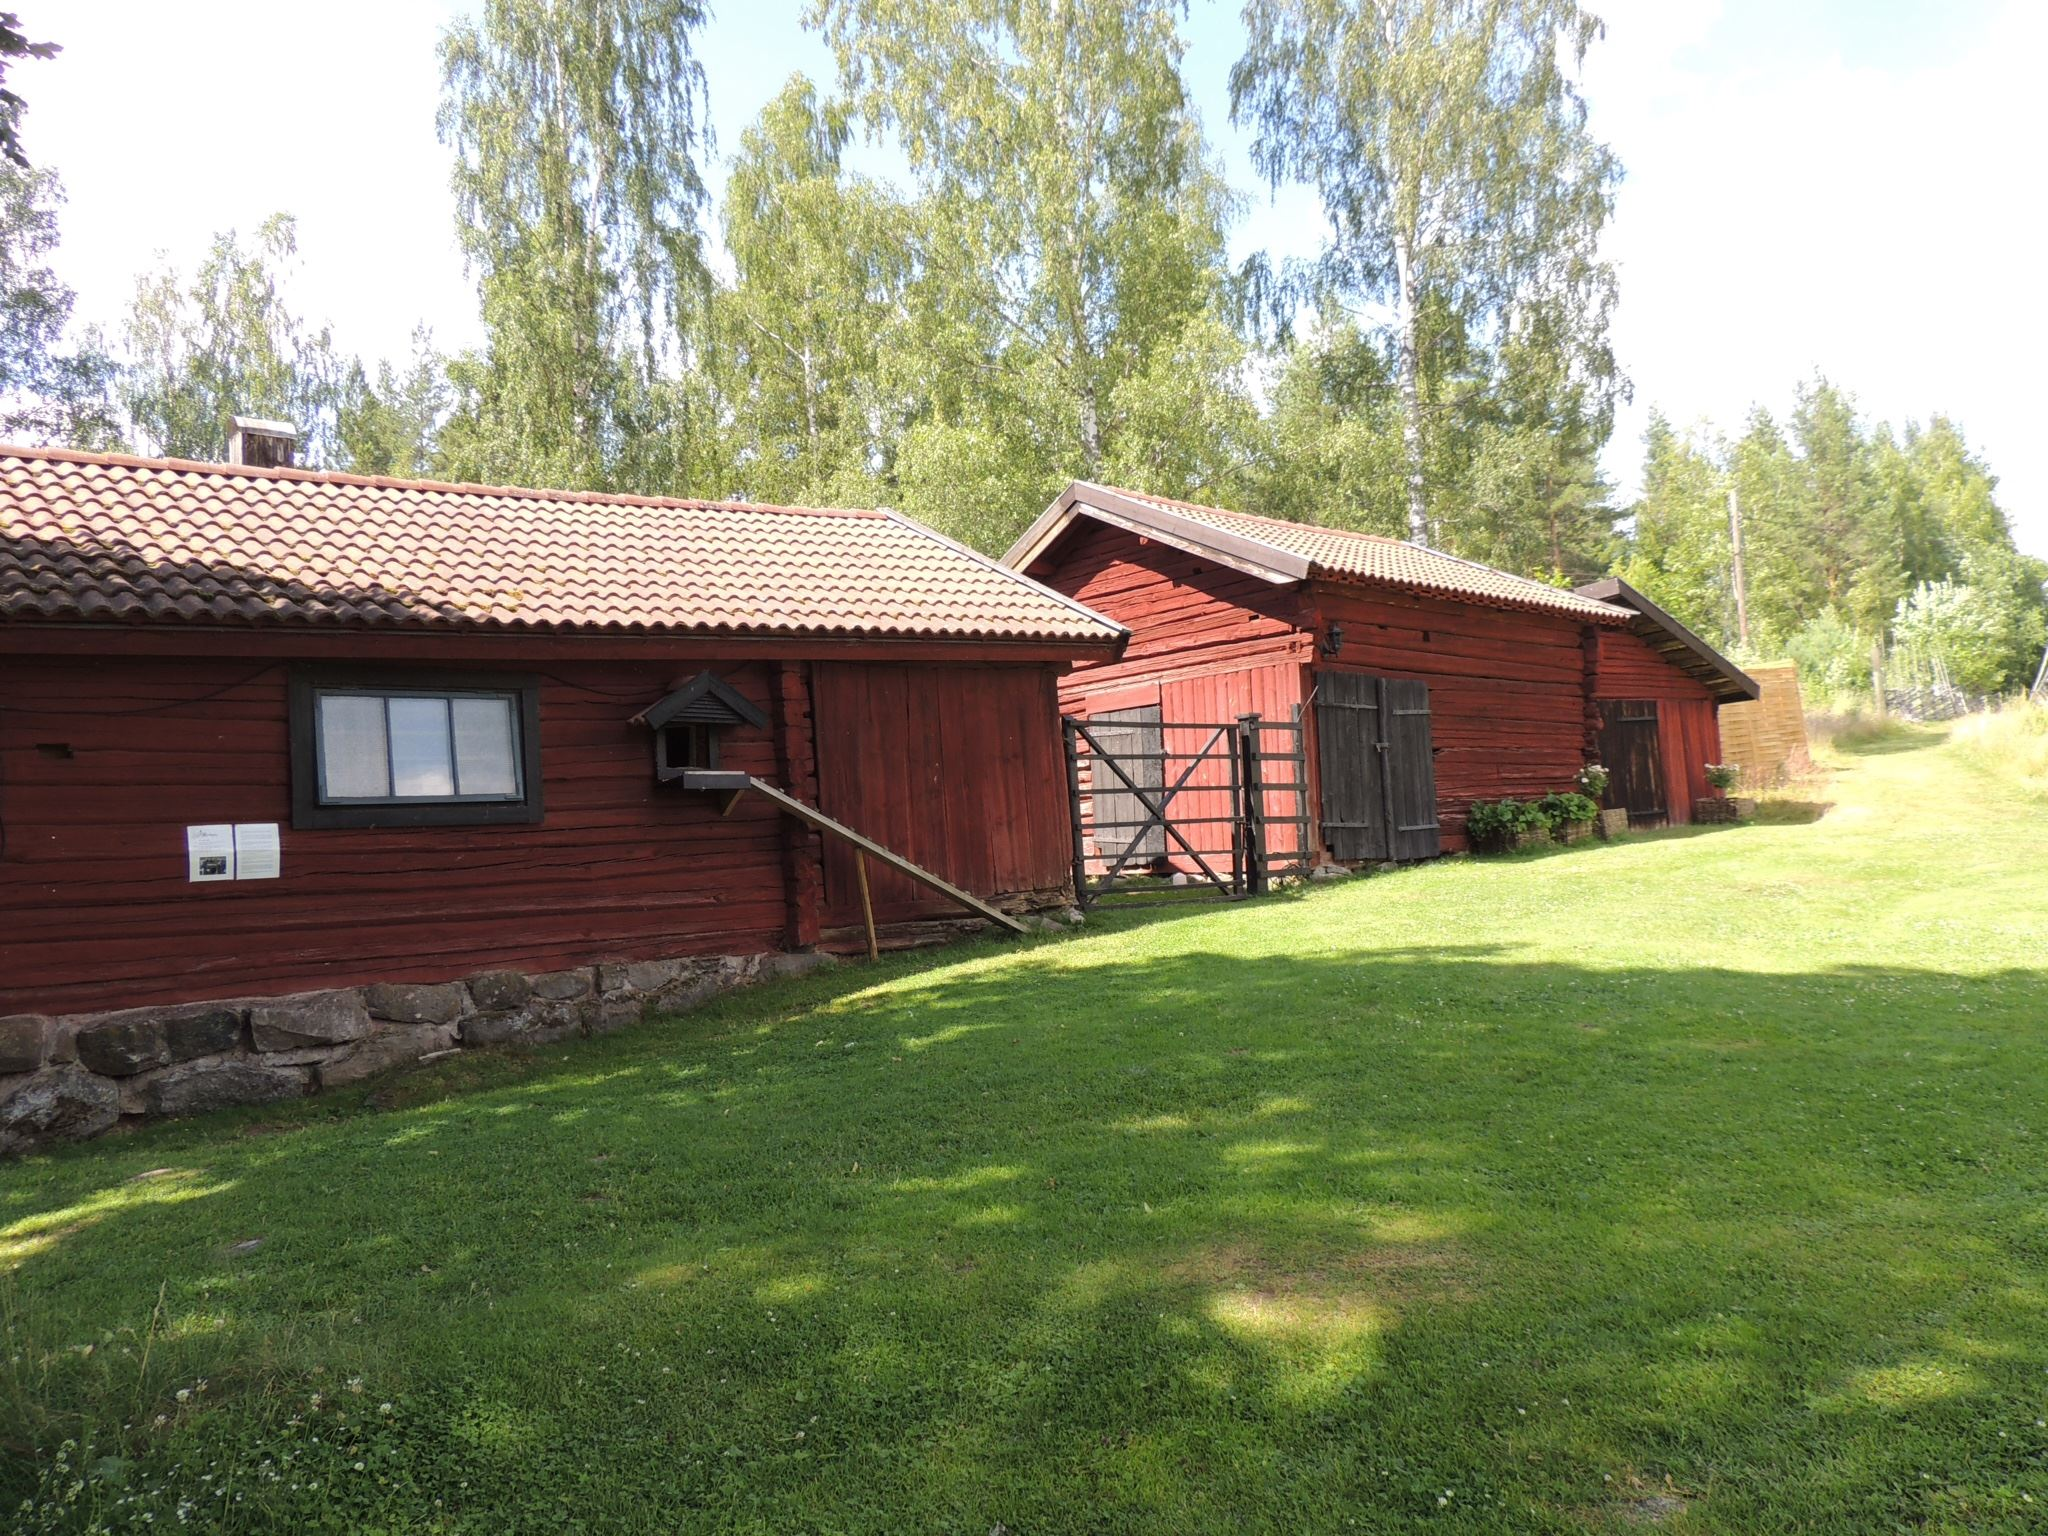 Morhagen Fäbodhotell